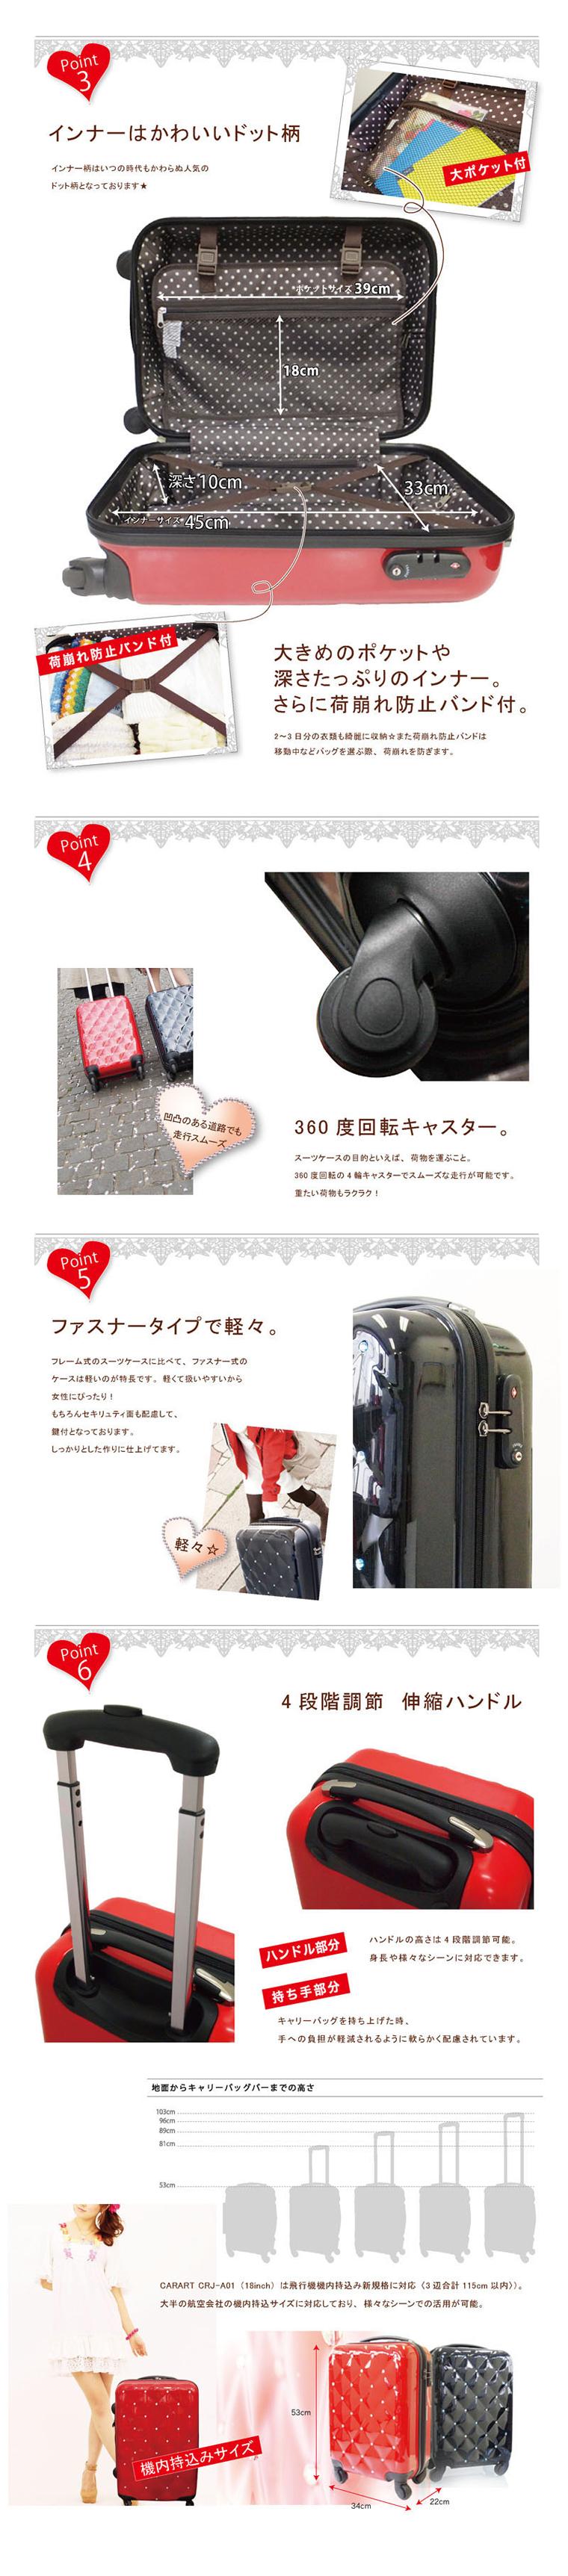 ジュエリースーツケース